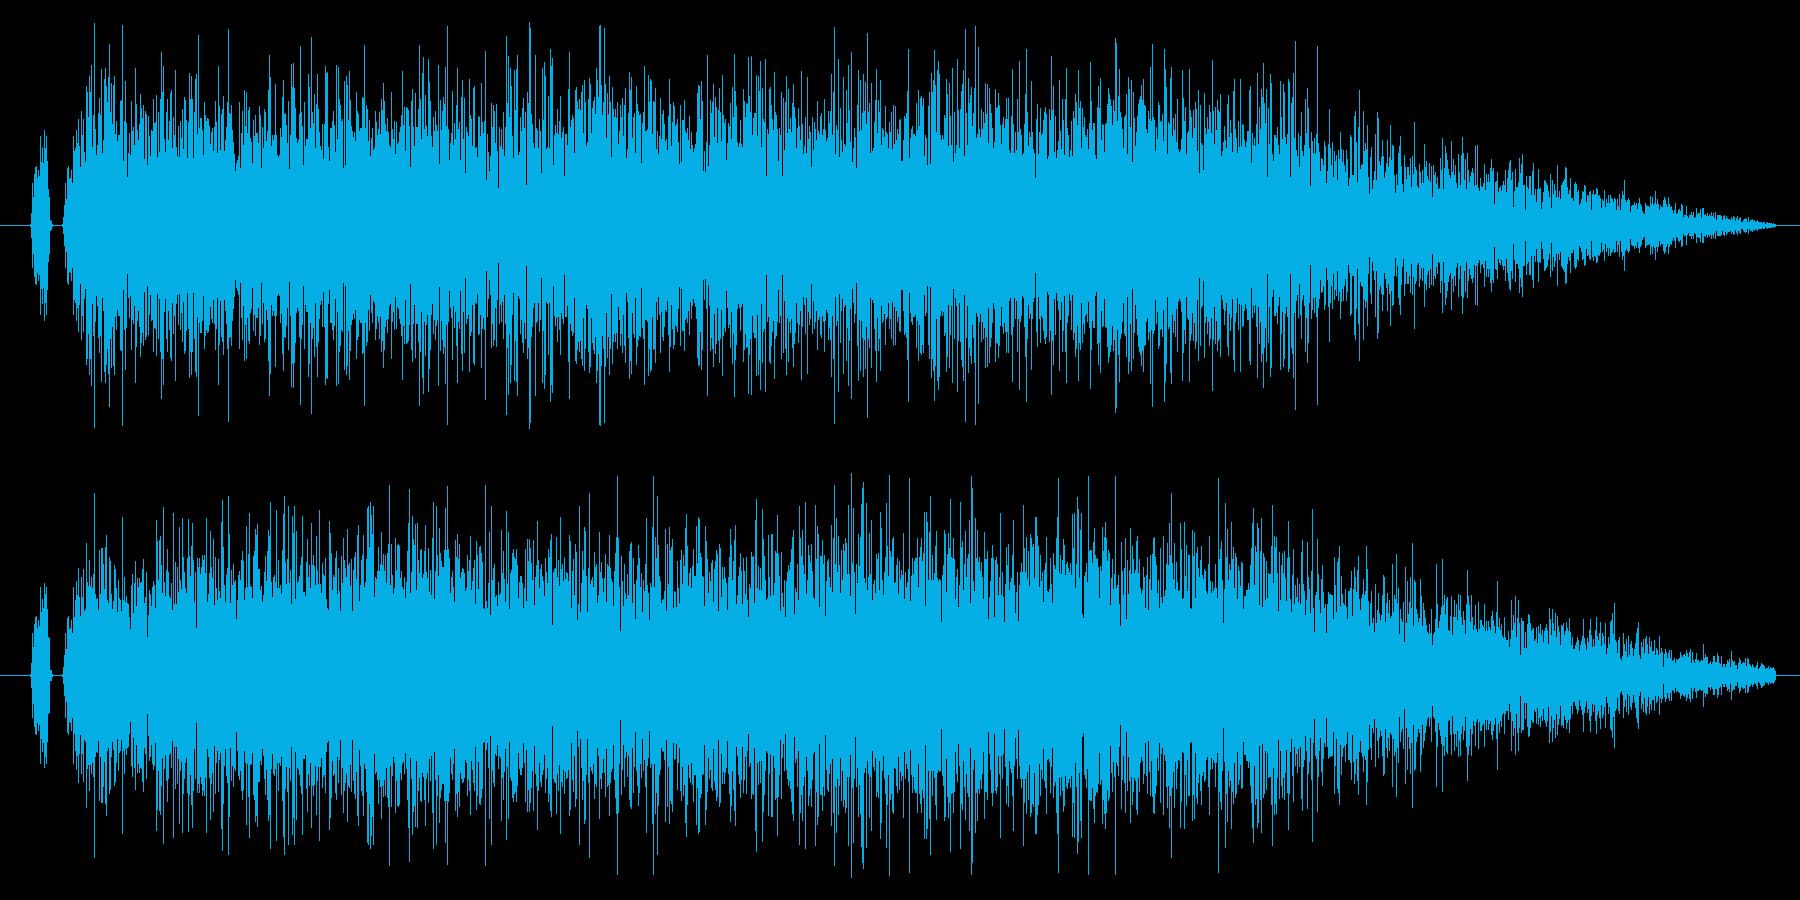 ロボット系の機械起動!爆発!に最適です!の再生済みの波形